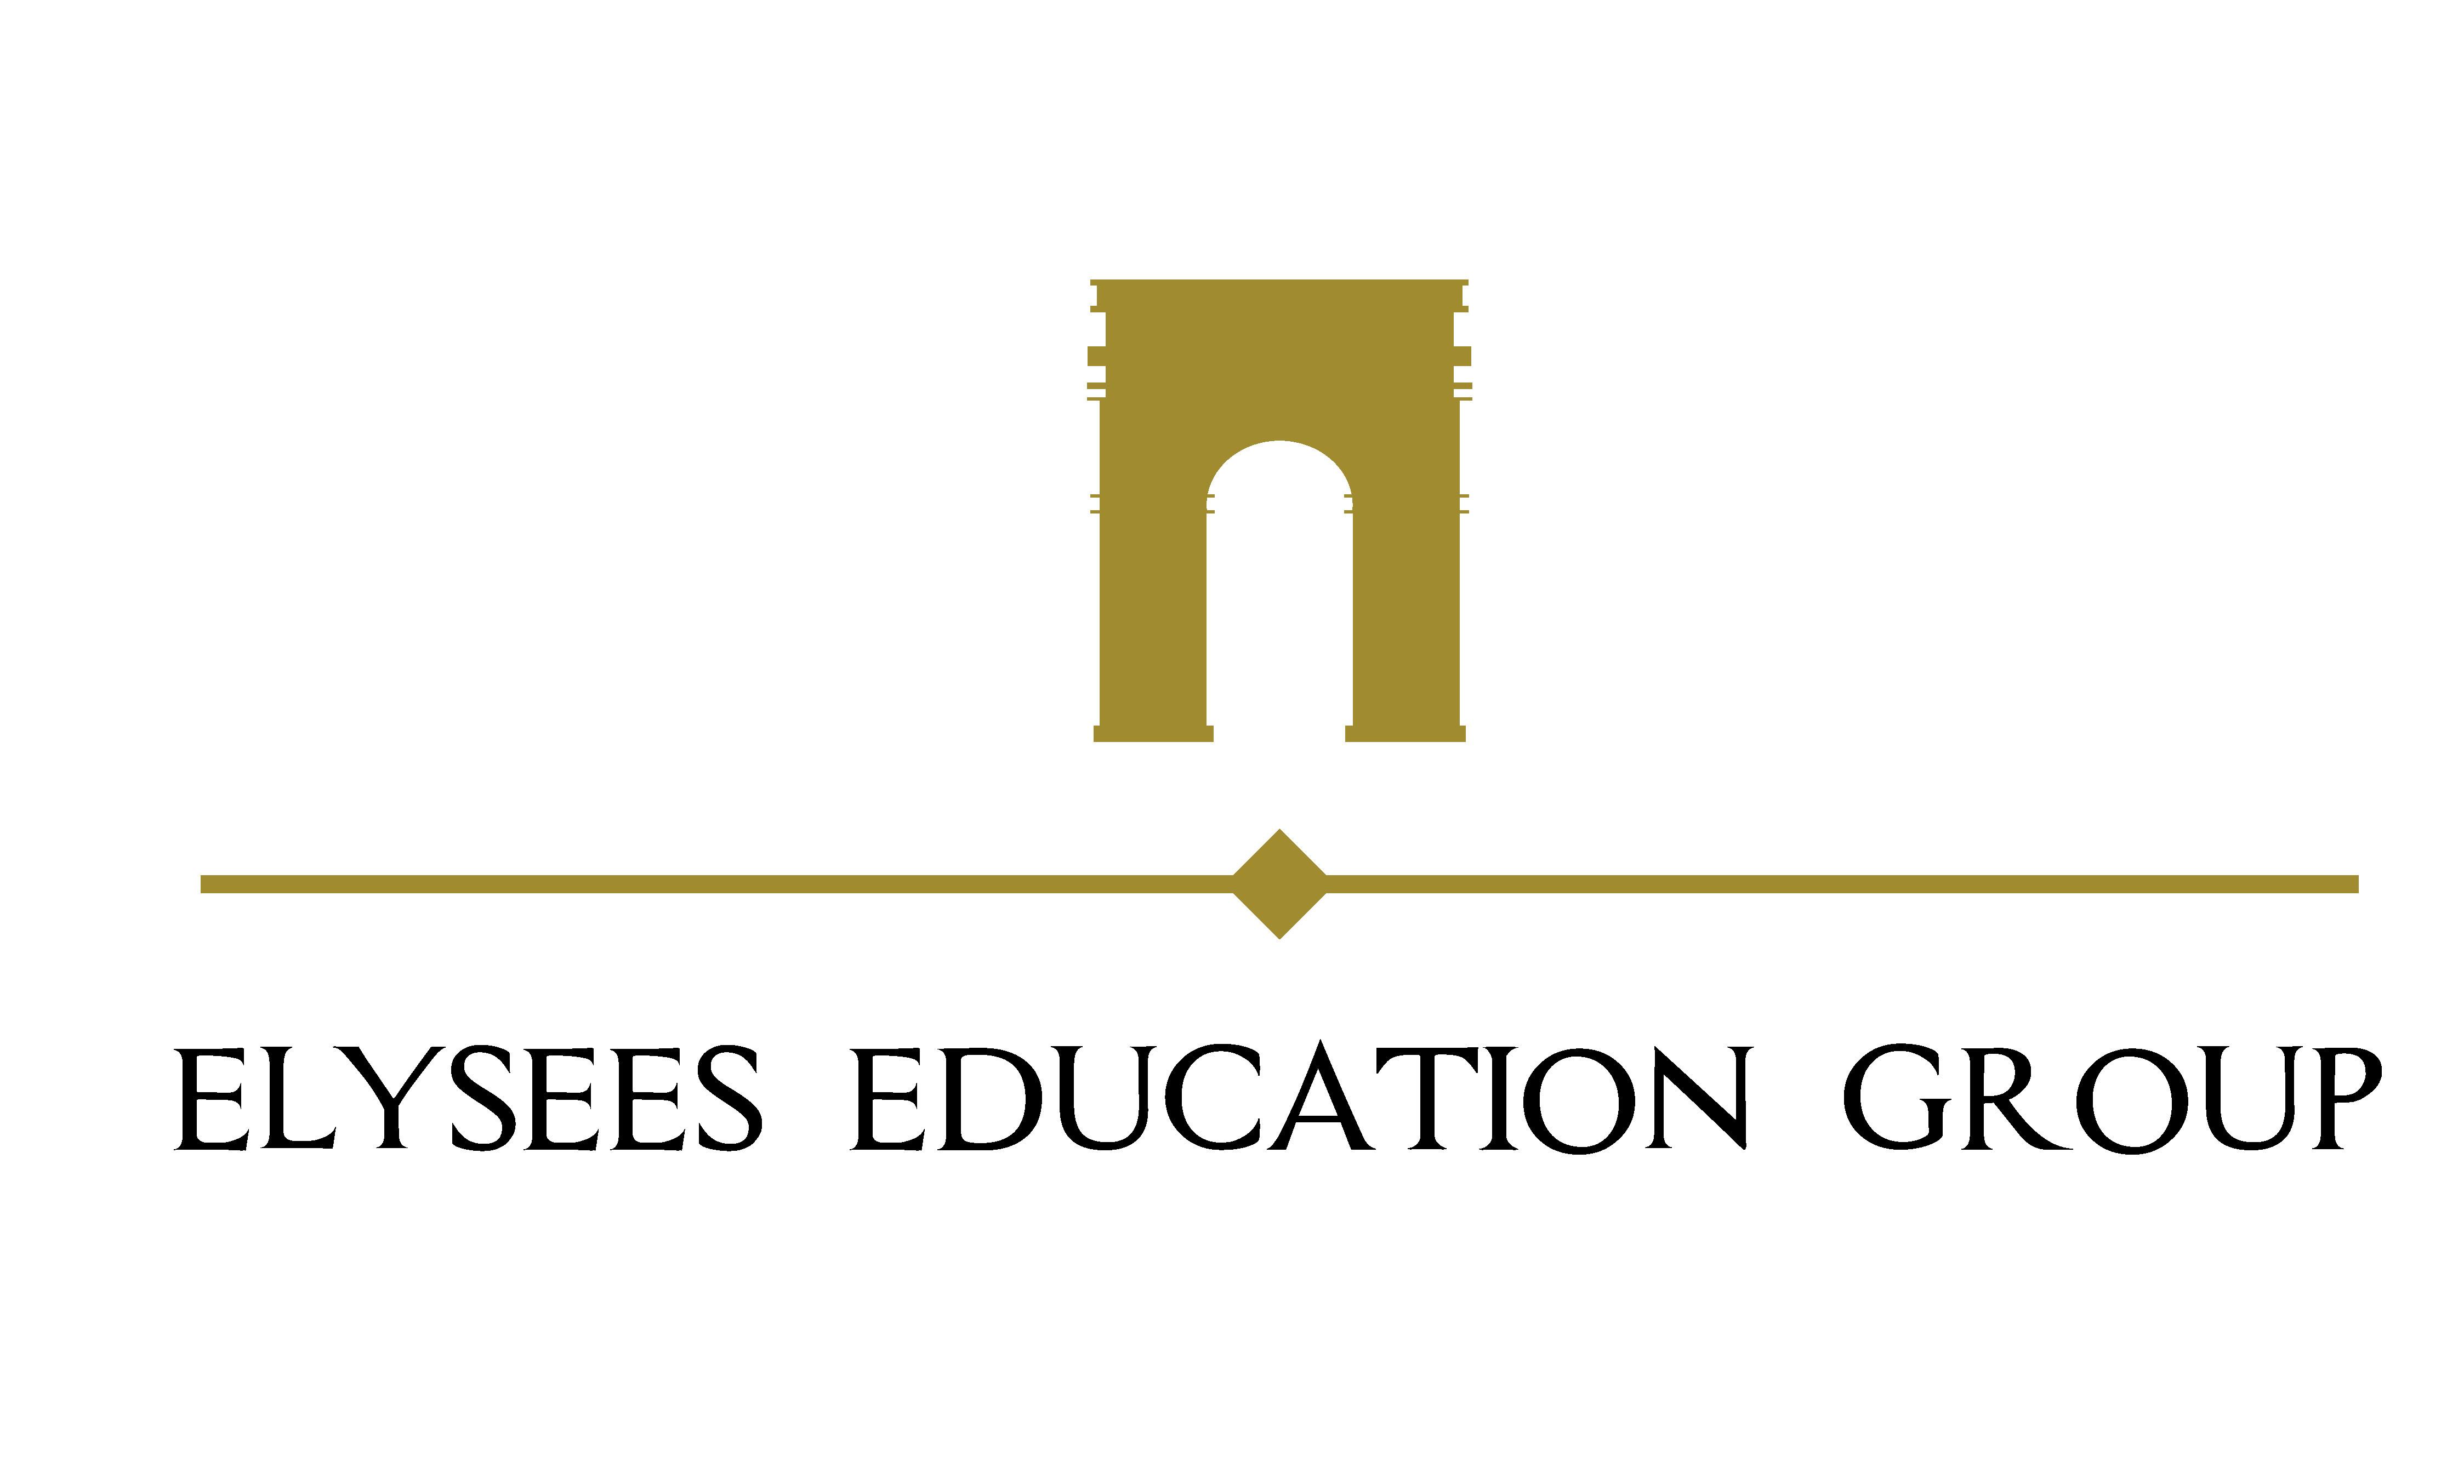 Logo de ELYSEES EDUCATION